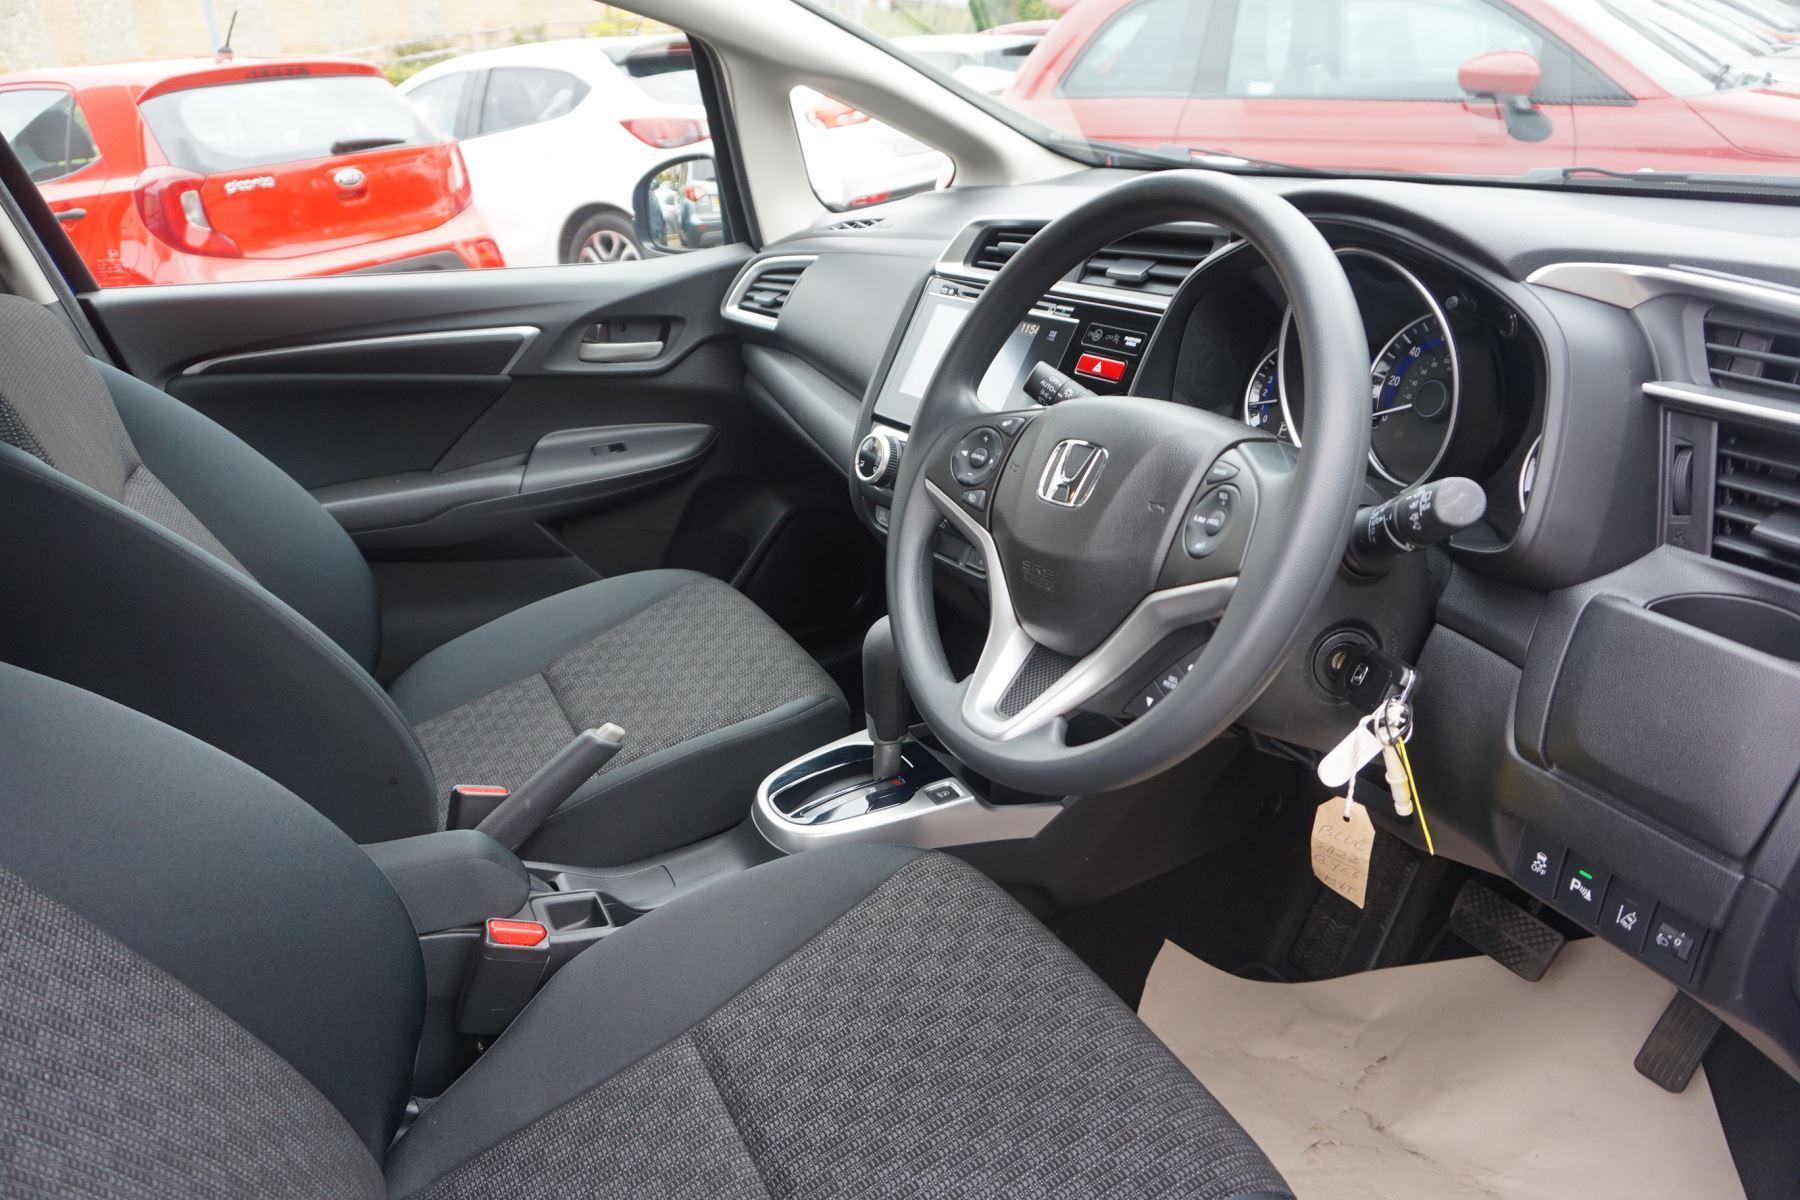 Honda Jazz 1.3 SE Navi CVT image 19